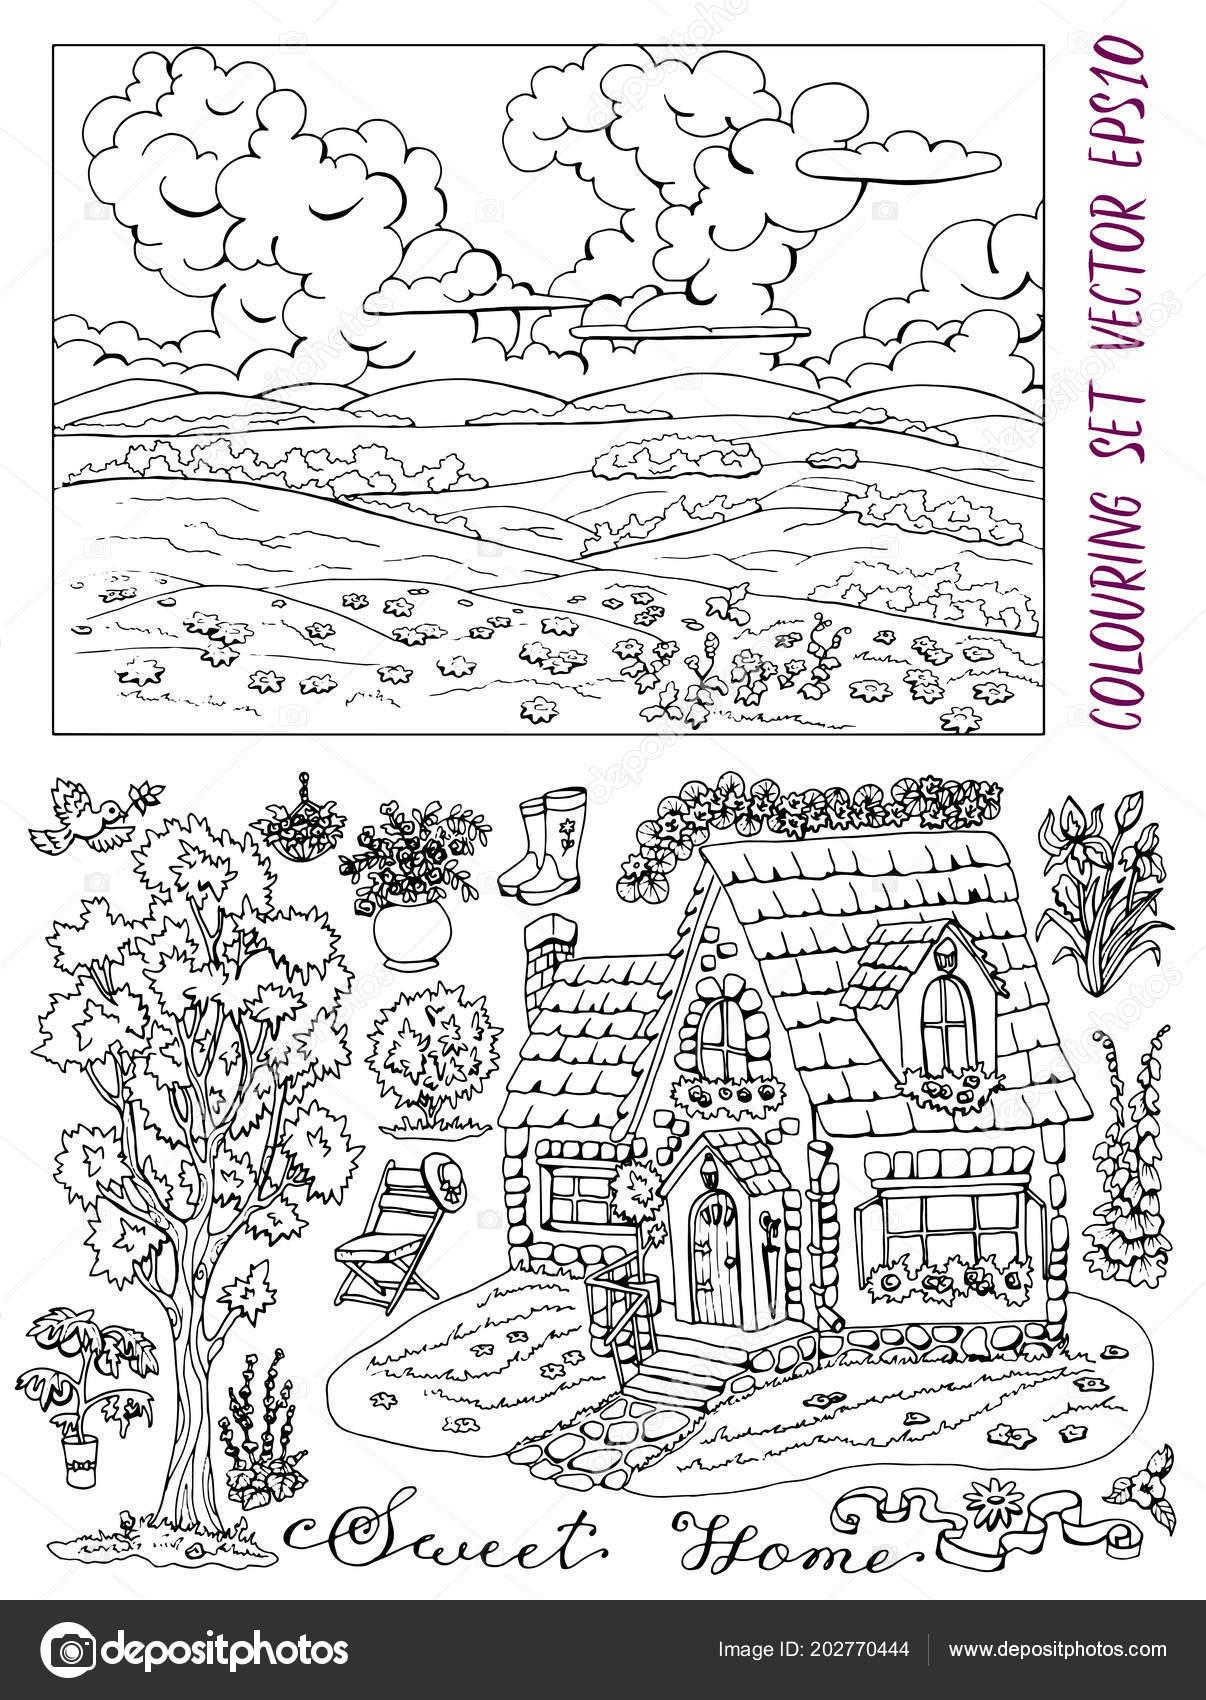 Coloriage Jardin Arbres.Coloriage Livre Avec Paysage Ete Chalet Arbres Fleurs Objets Jardins